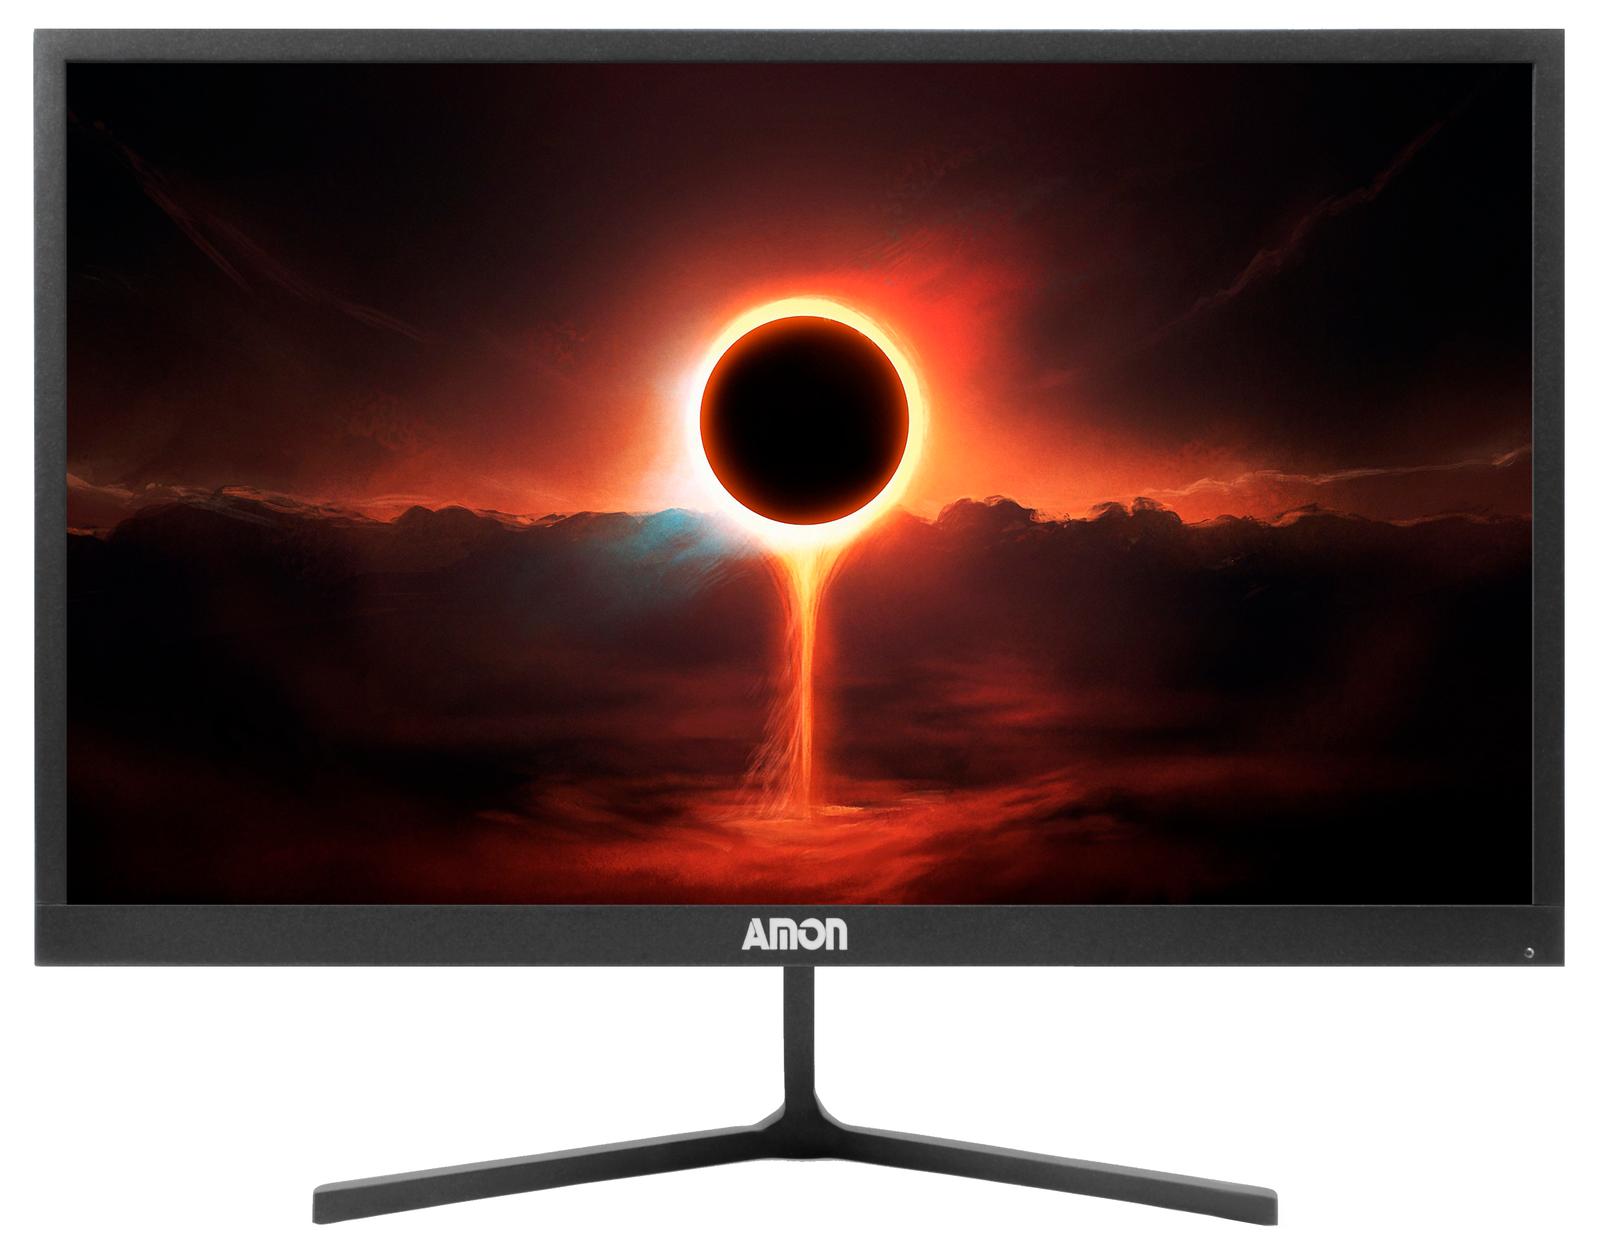 Компьютер Amon Mono aio PC i3 v2 (MONI3.61.8.320I) Новый